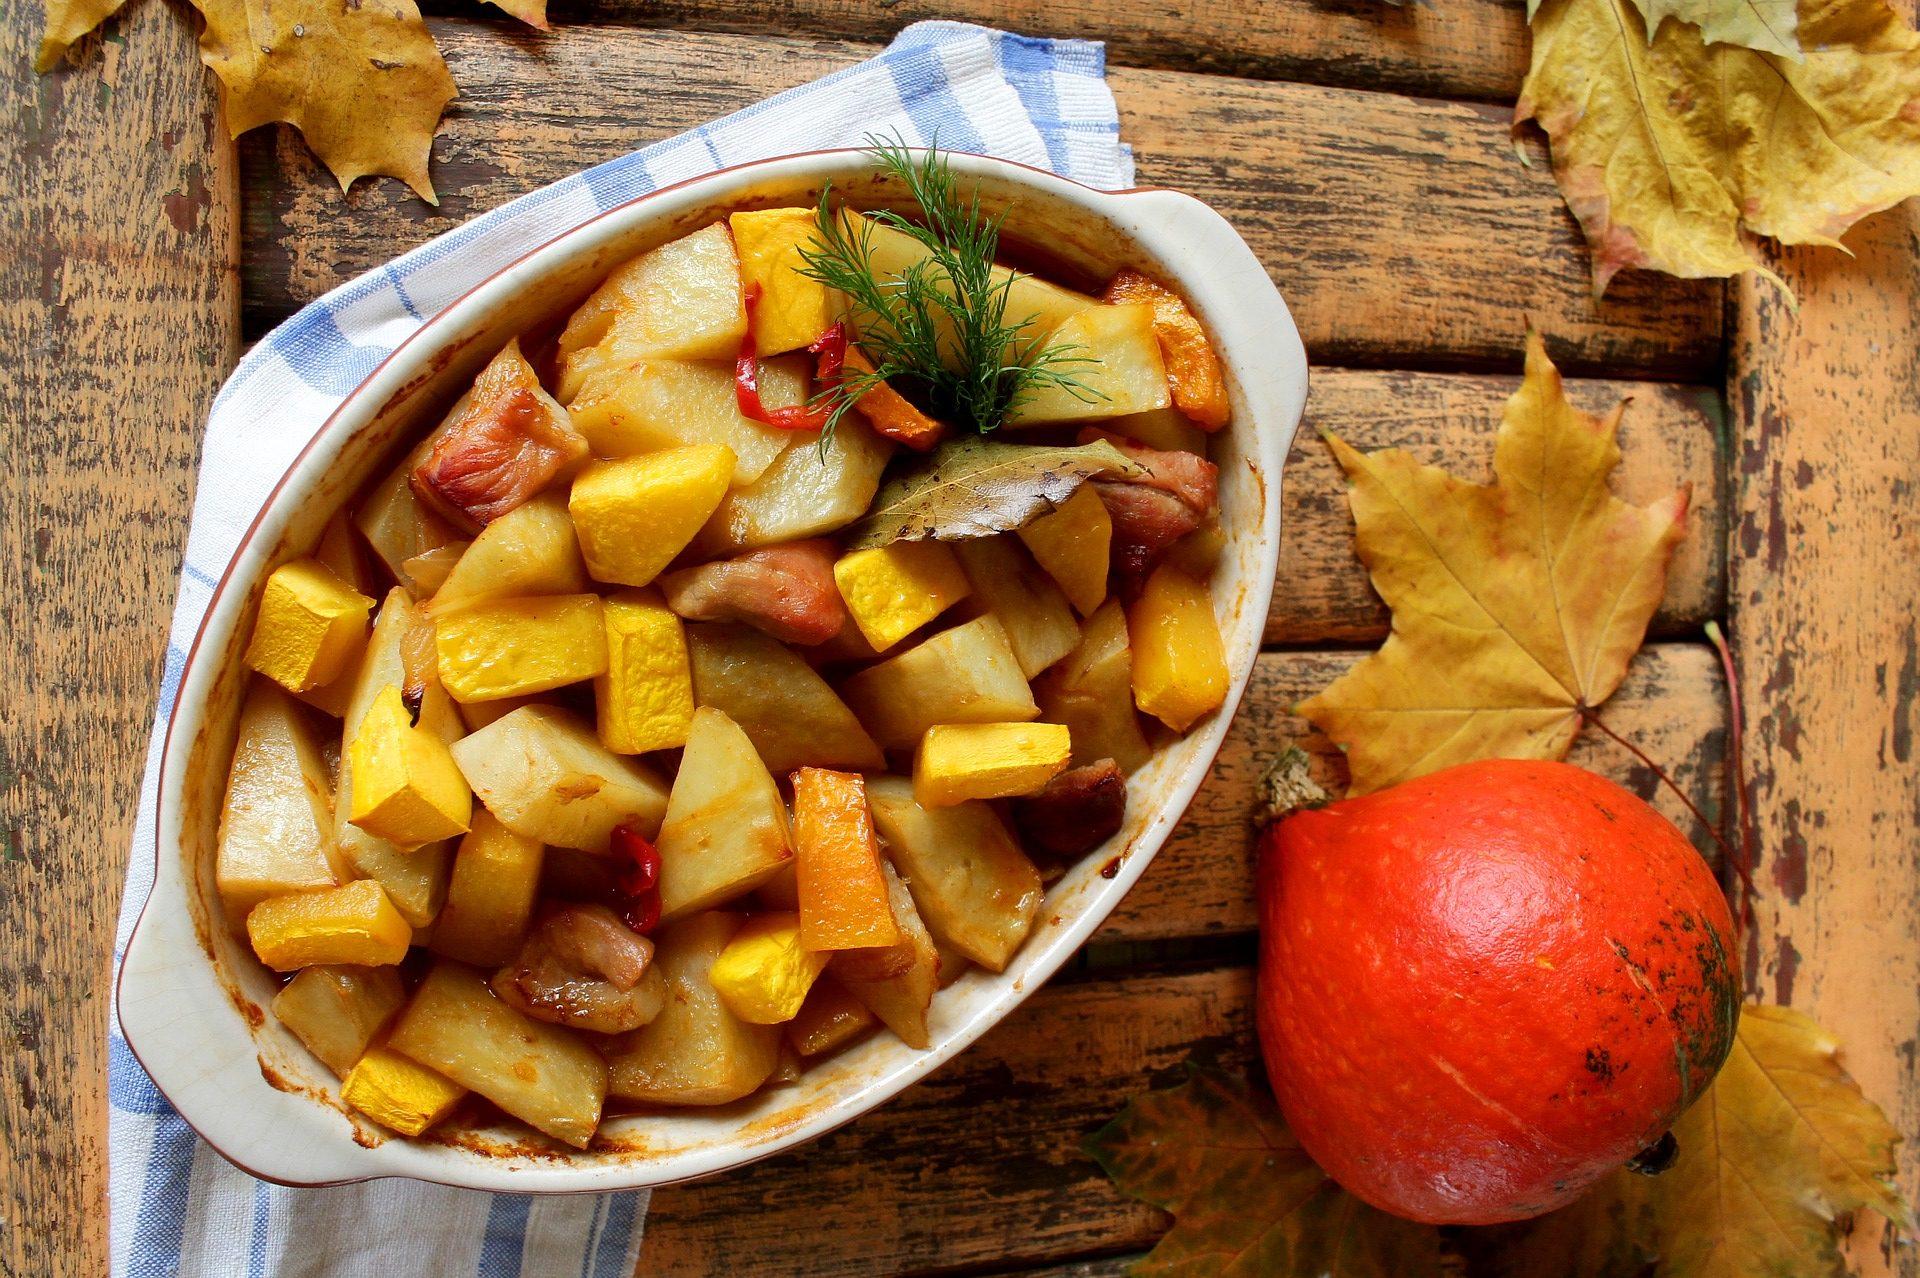 zucca al forno con rosmarino e pangrattato